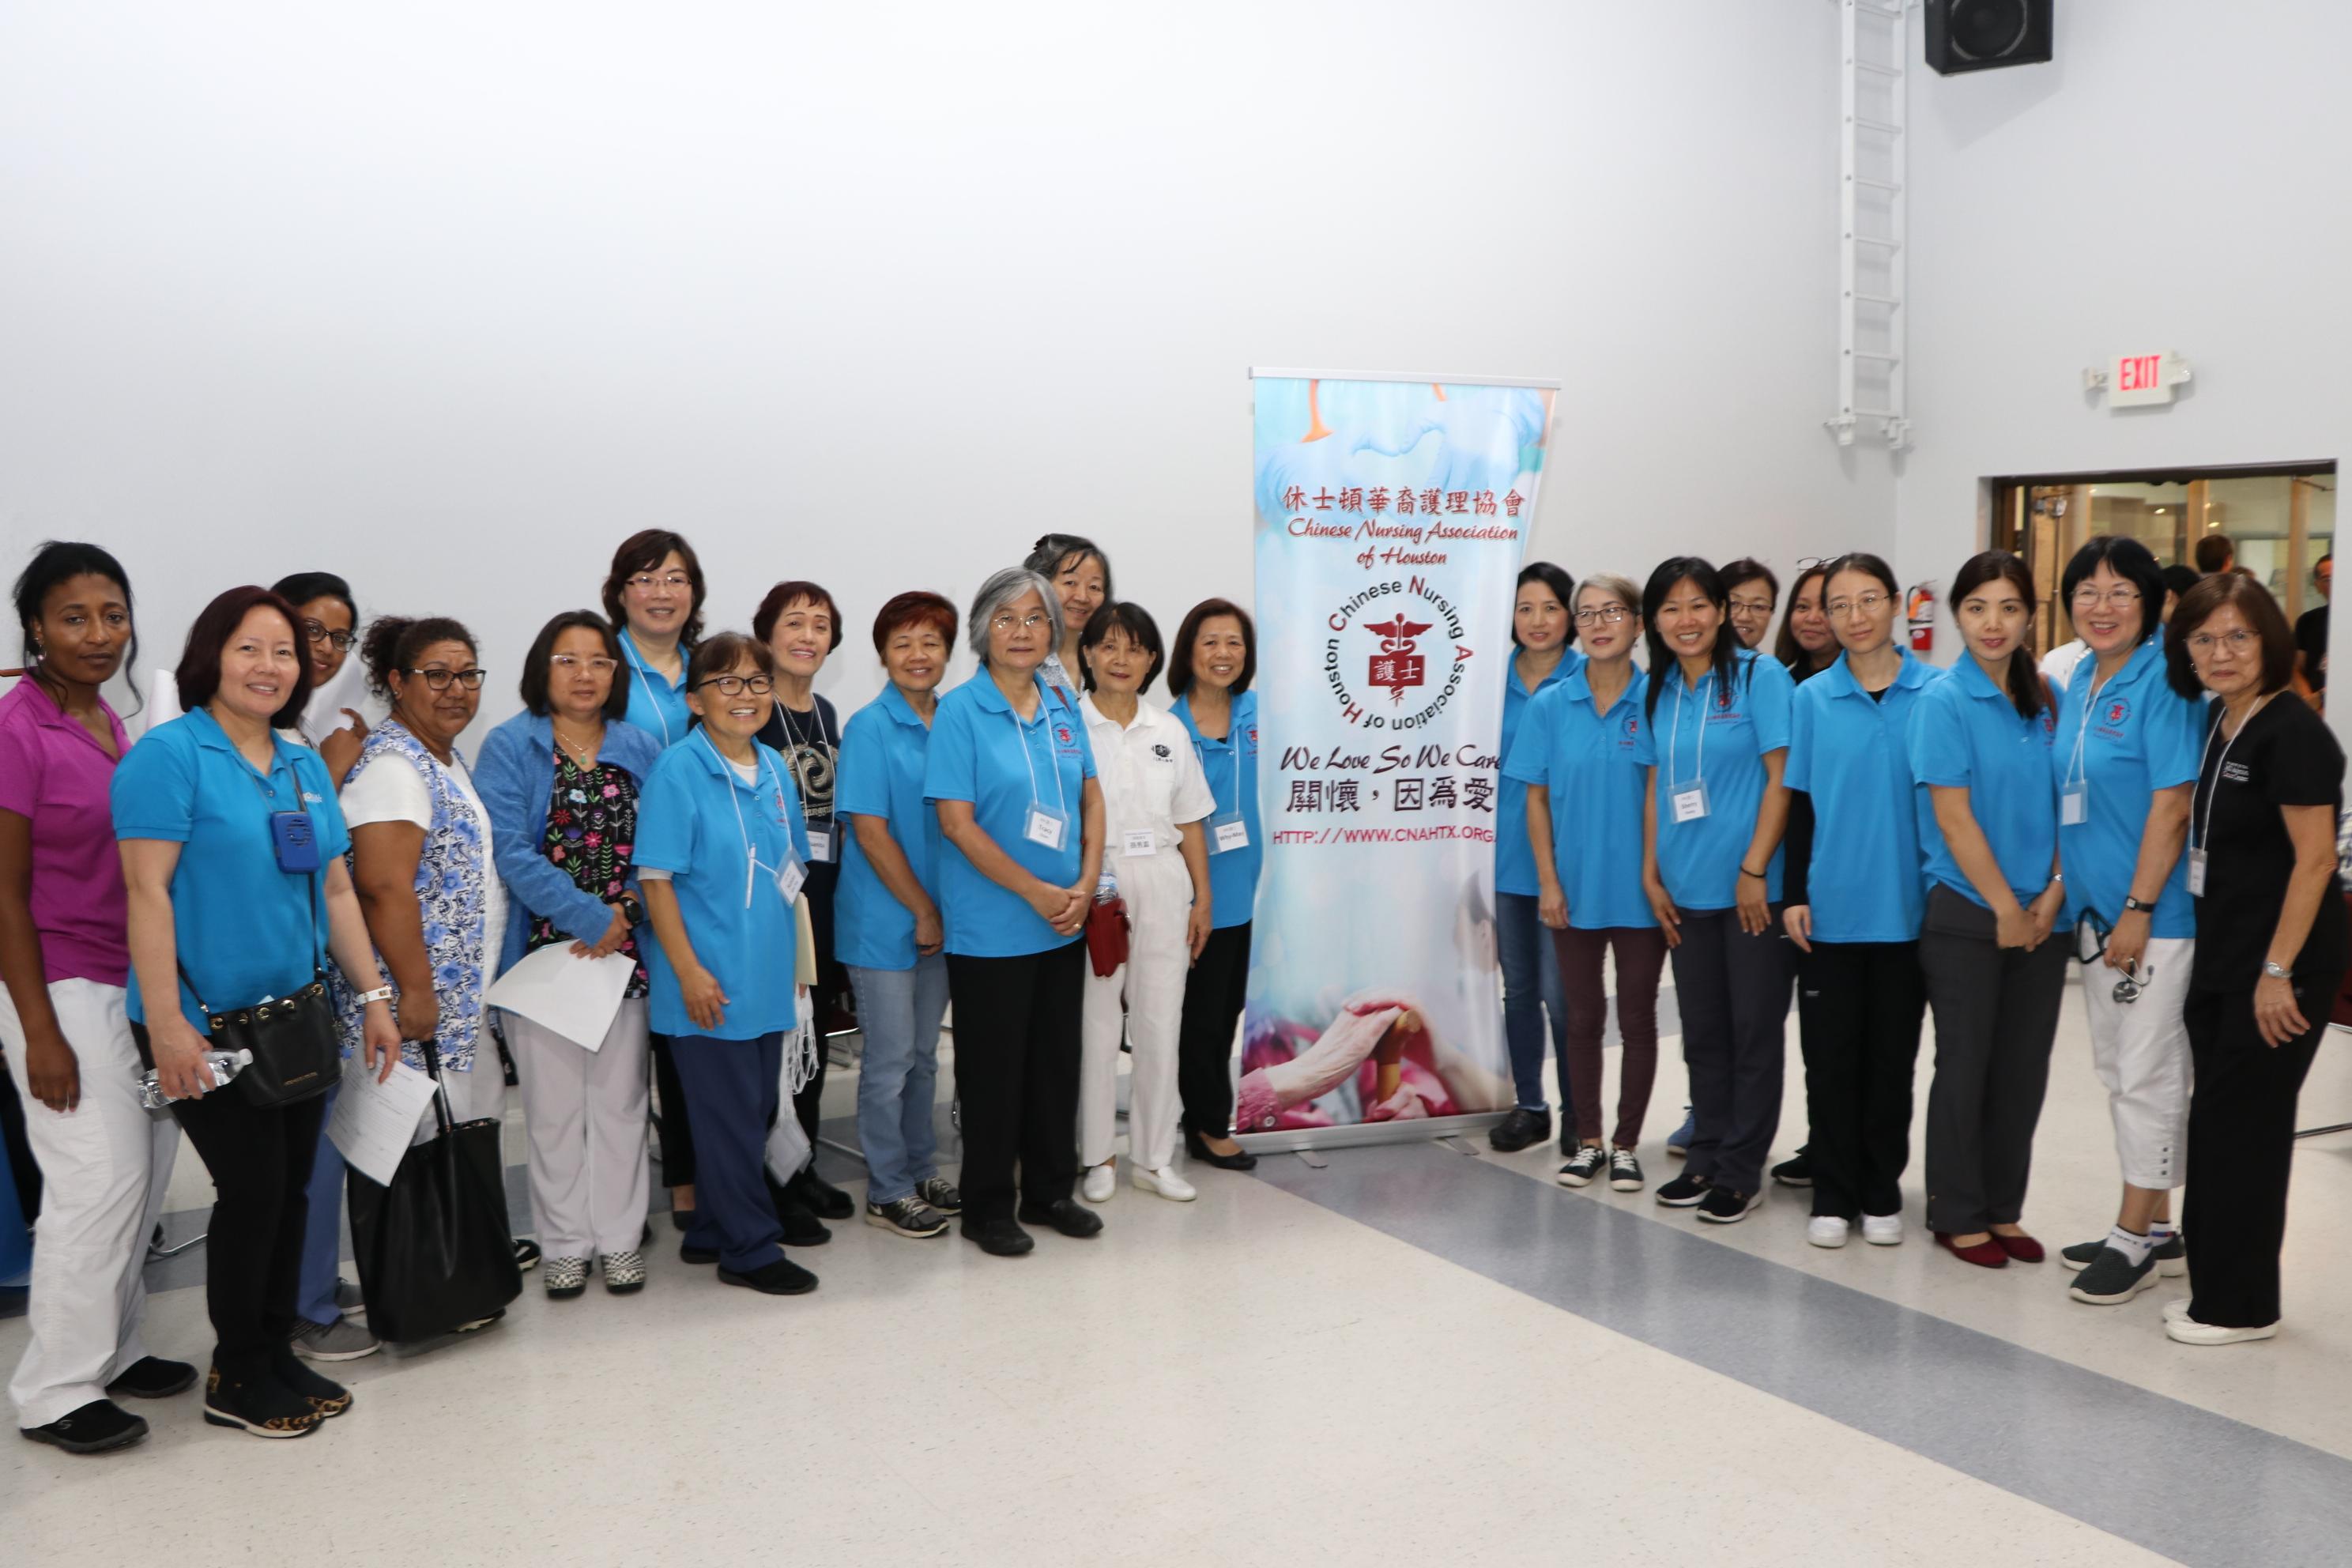 華人護士協會是會場中動員人數最多的義工團隊。